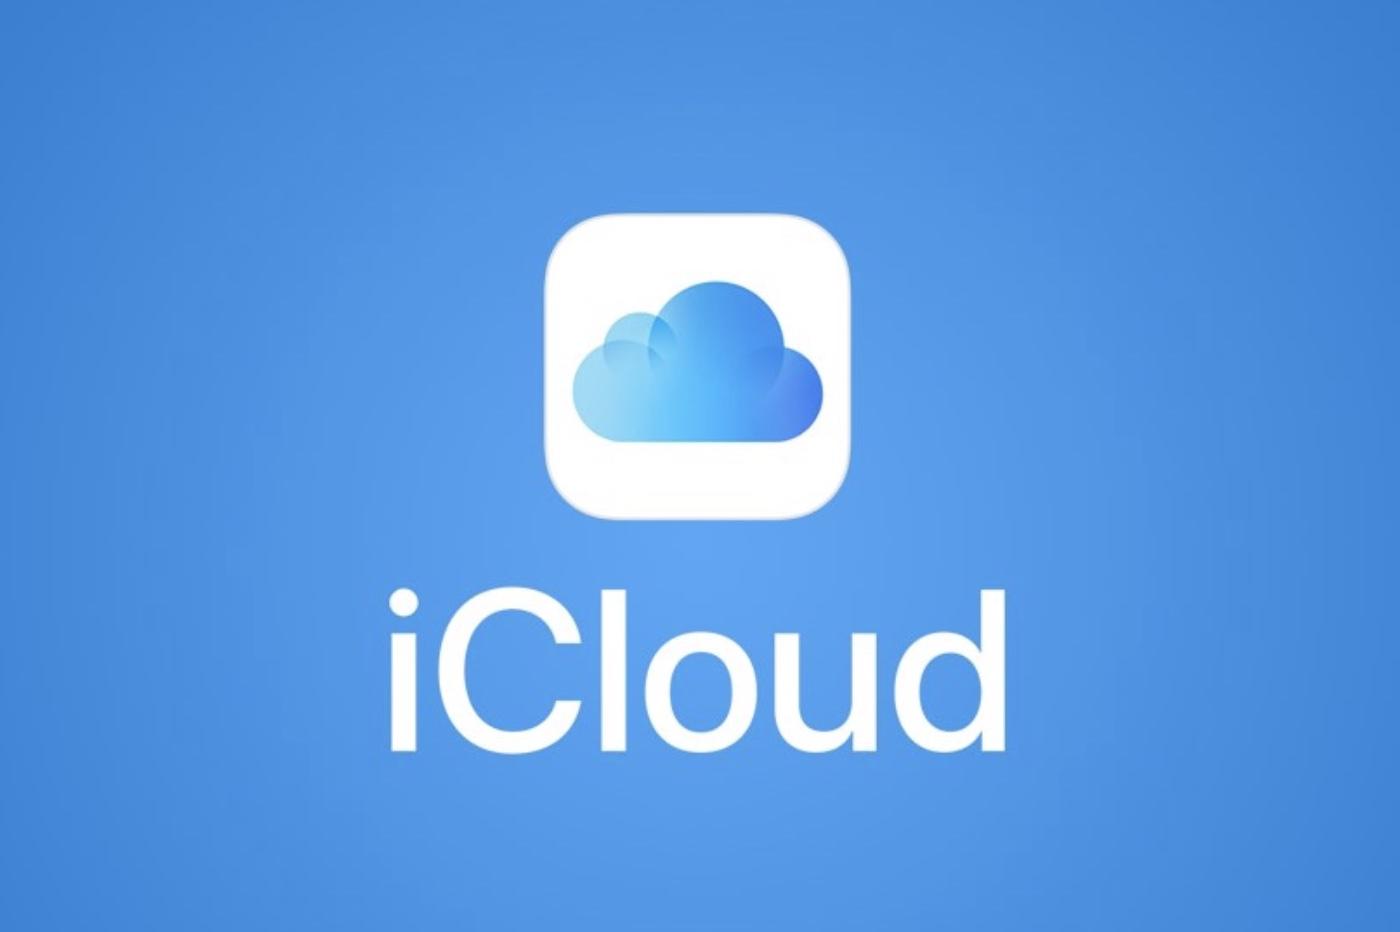 icloud-icone.jpg